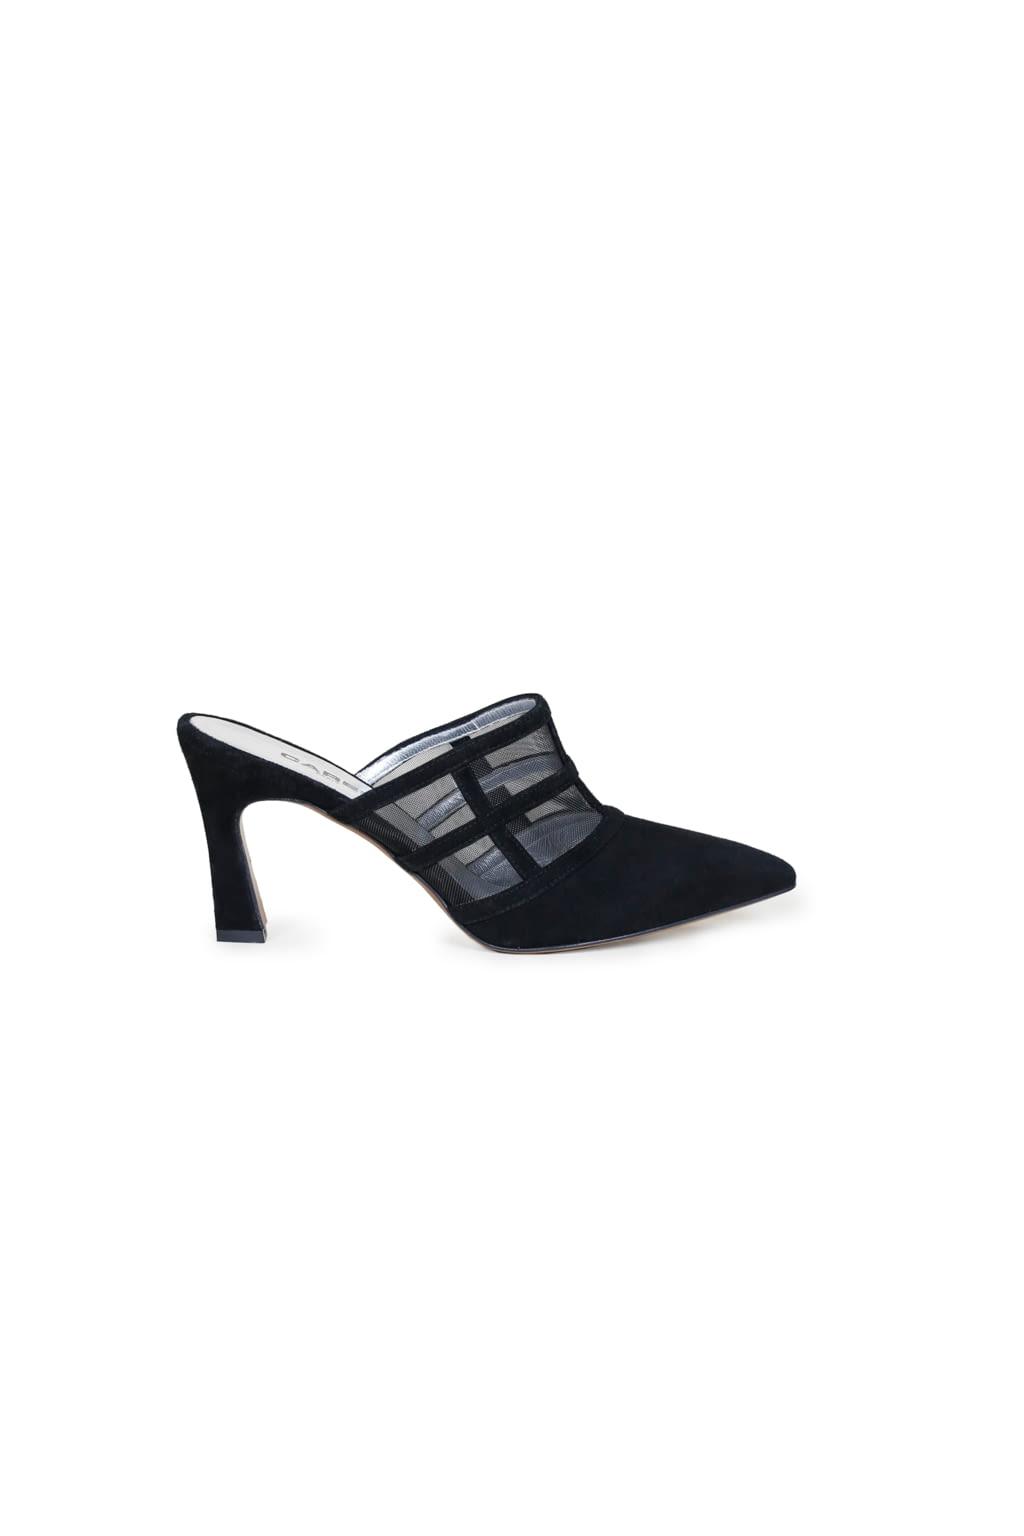 Fashion Week Paris Spring/Summer 2020 look 5 de la collection Carel womenswear accessories